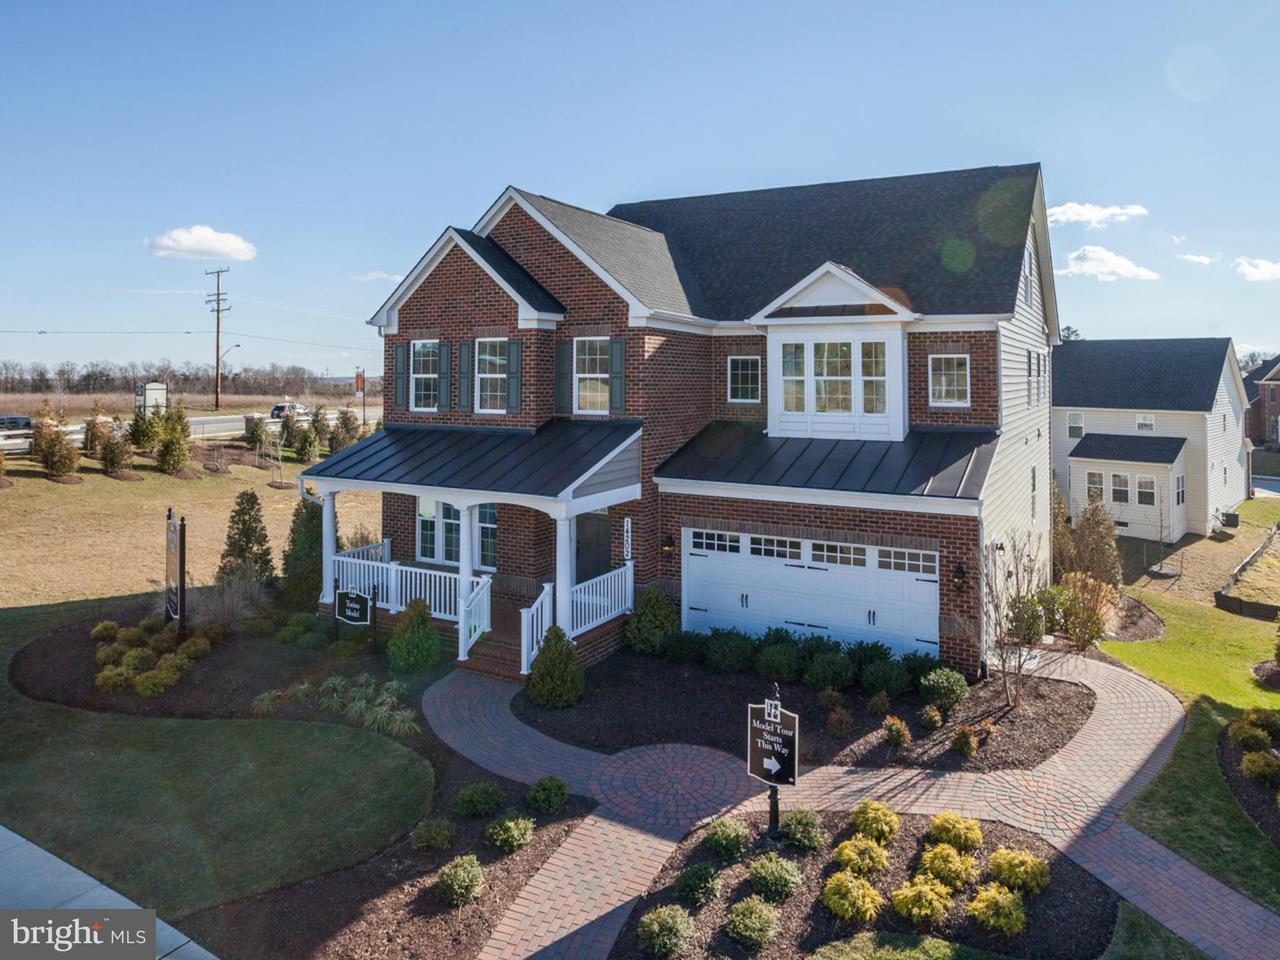 Einfamilienhaus für Verkauf beim 14624 BENTLEY PARK Drive 14624 BENTLEY PARK Drive Burtonsville, Maryland 20866 Vereinigte Staaten